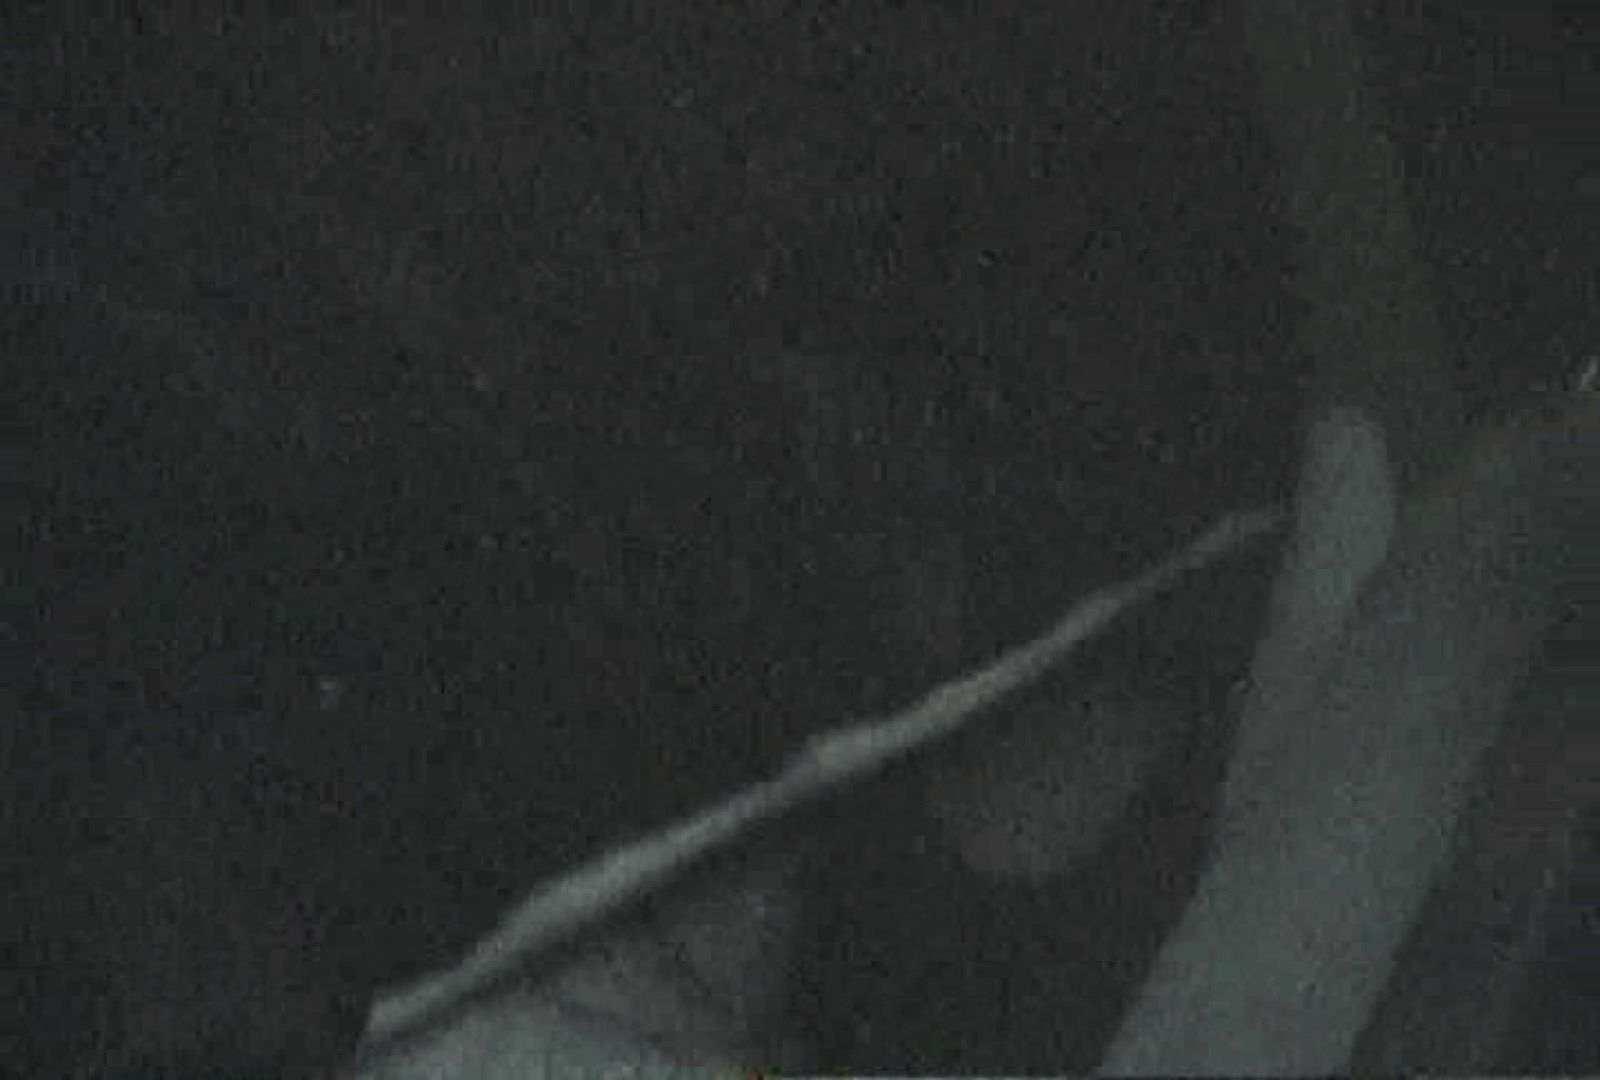 充血監督の深夜の運動会Vol.88 細身な女性 女性器鑑賞 95pic 11